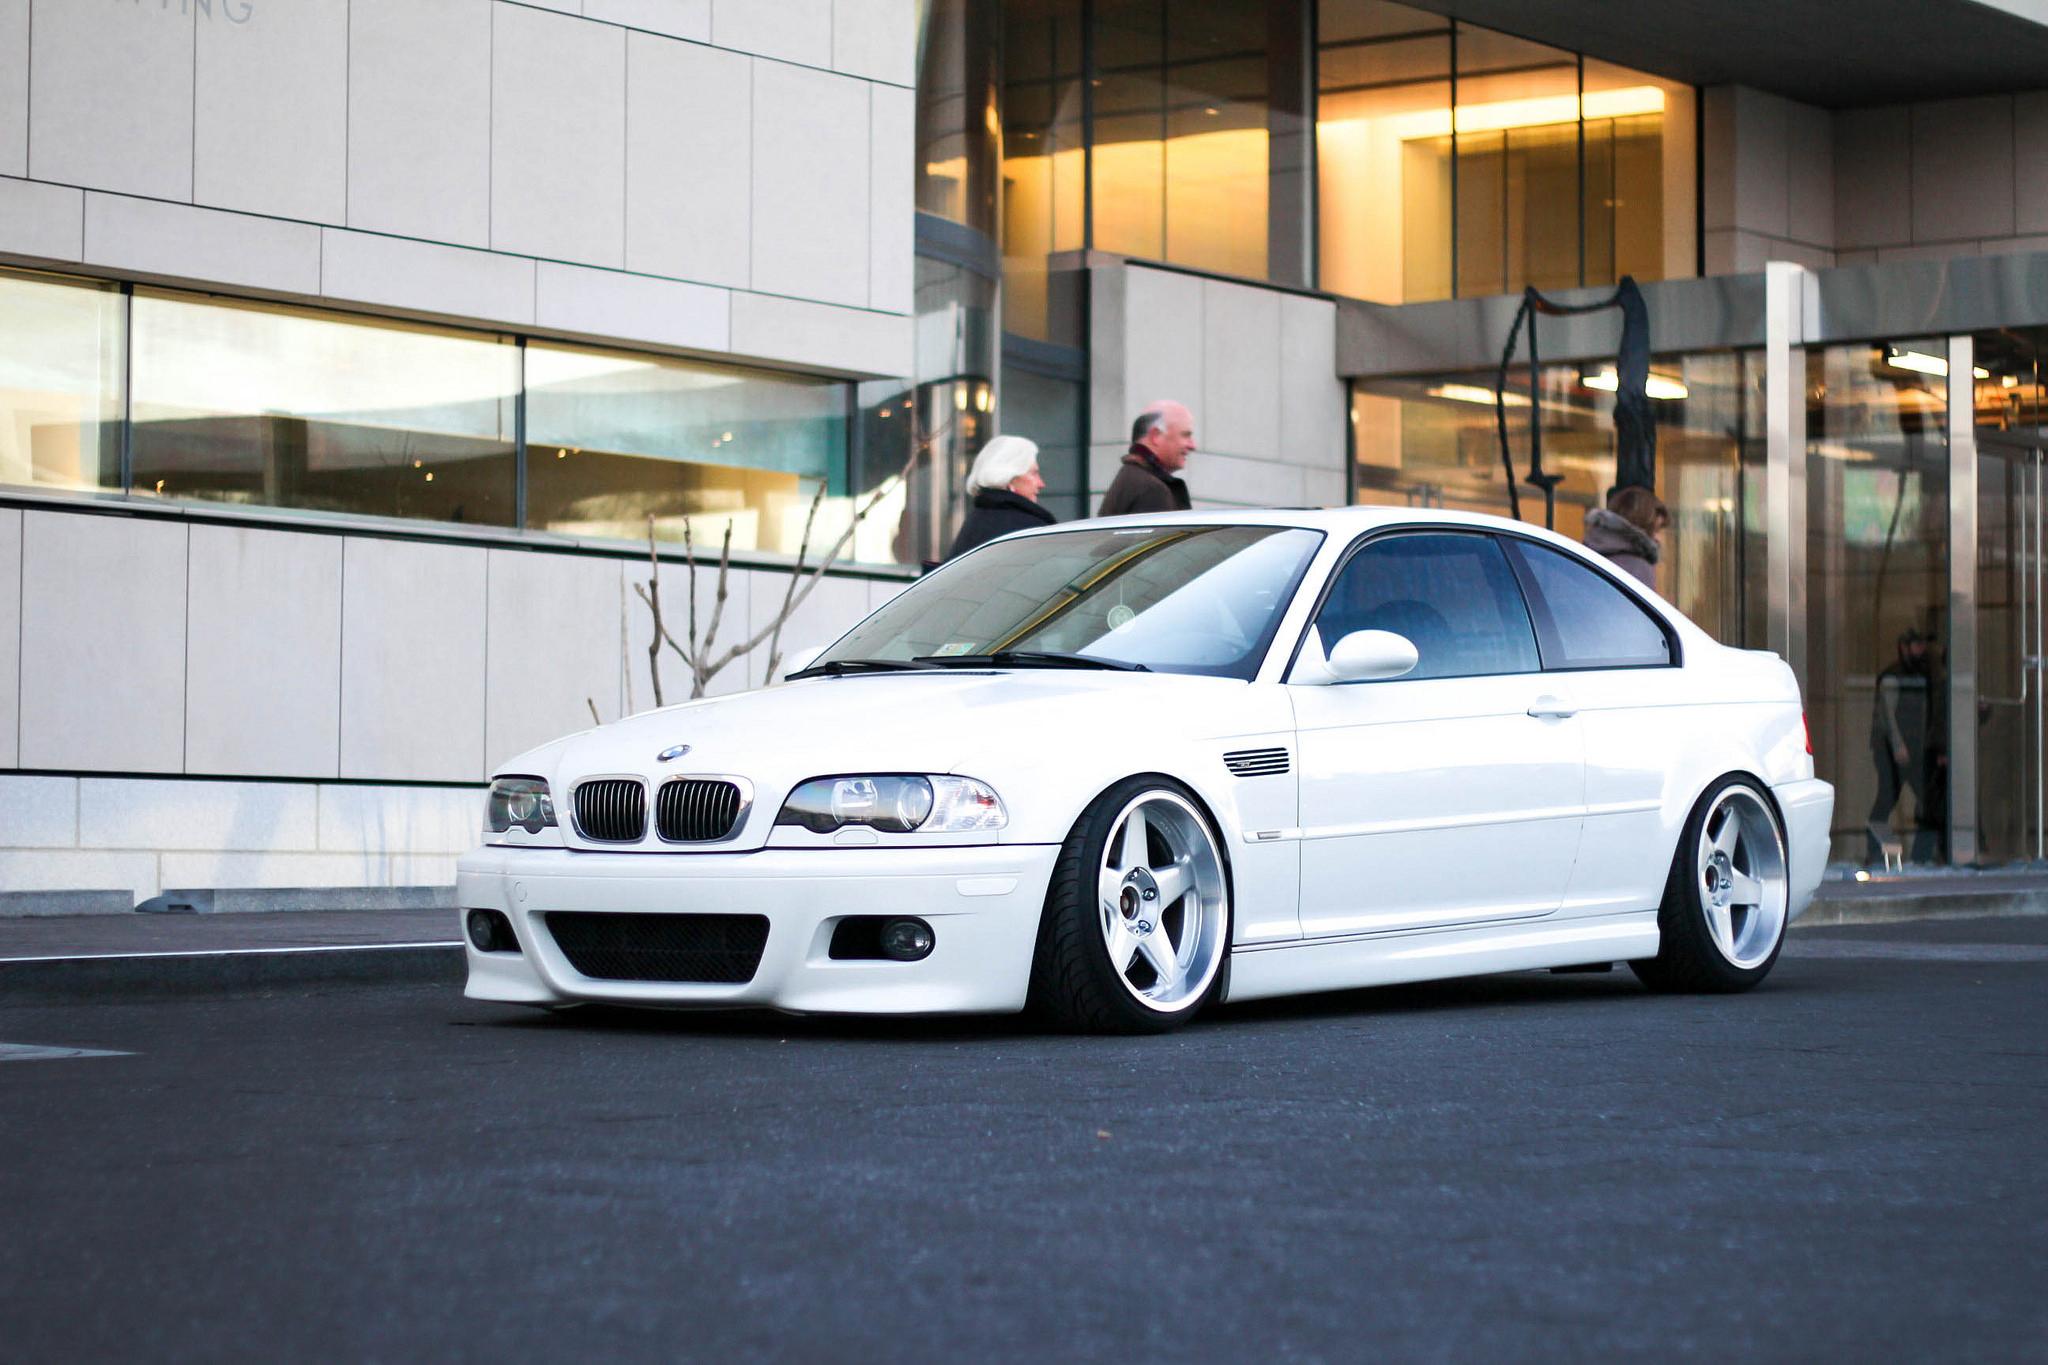 Wallpaper white e46 side view sports car bmw m3 for Car exterior design